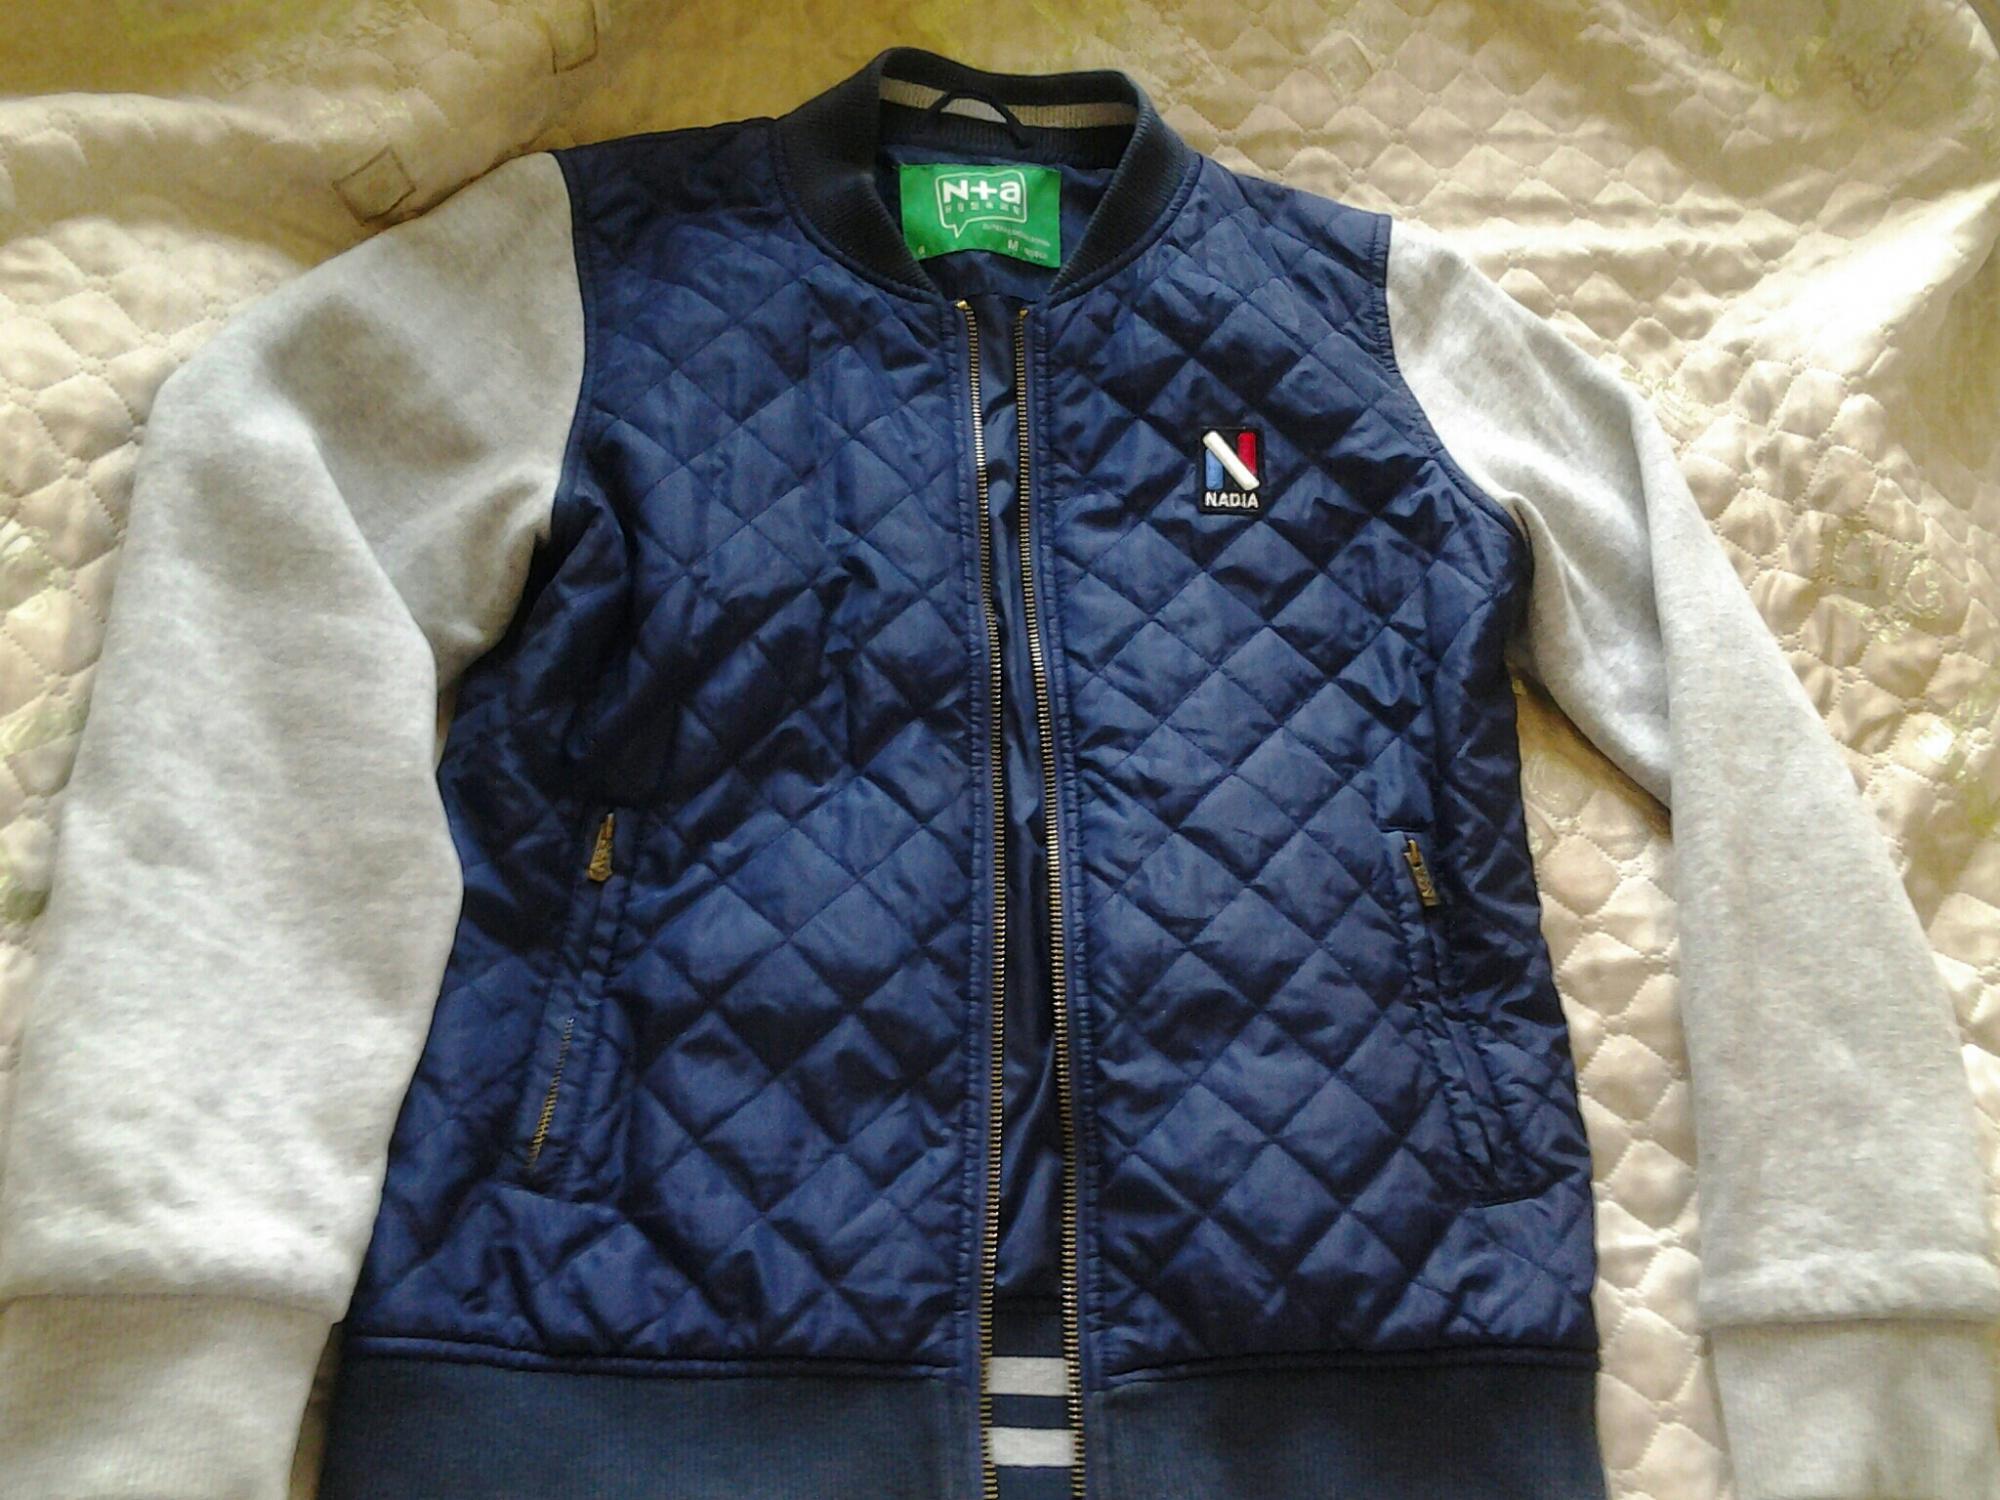 куртка муж М в Москве 89164909941 купить 1